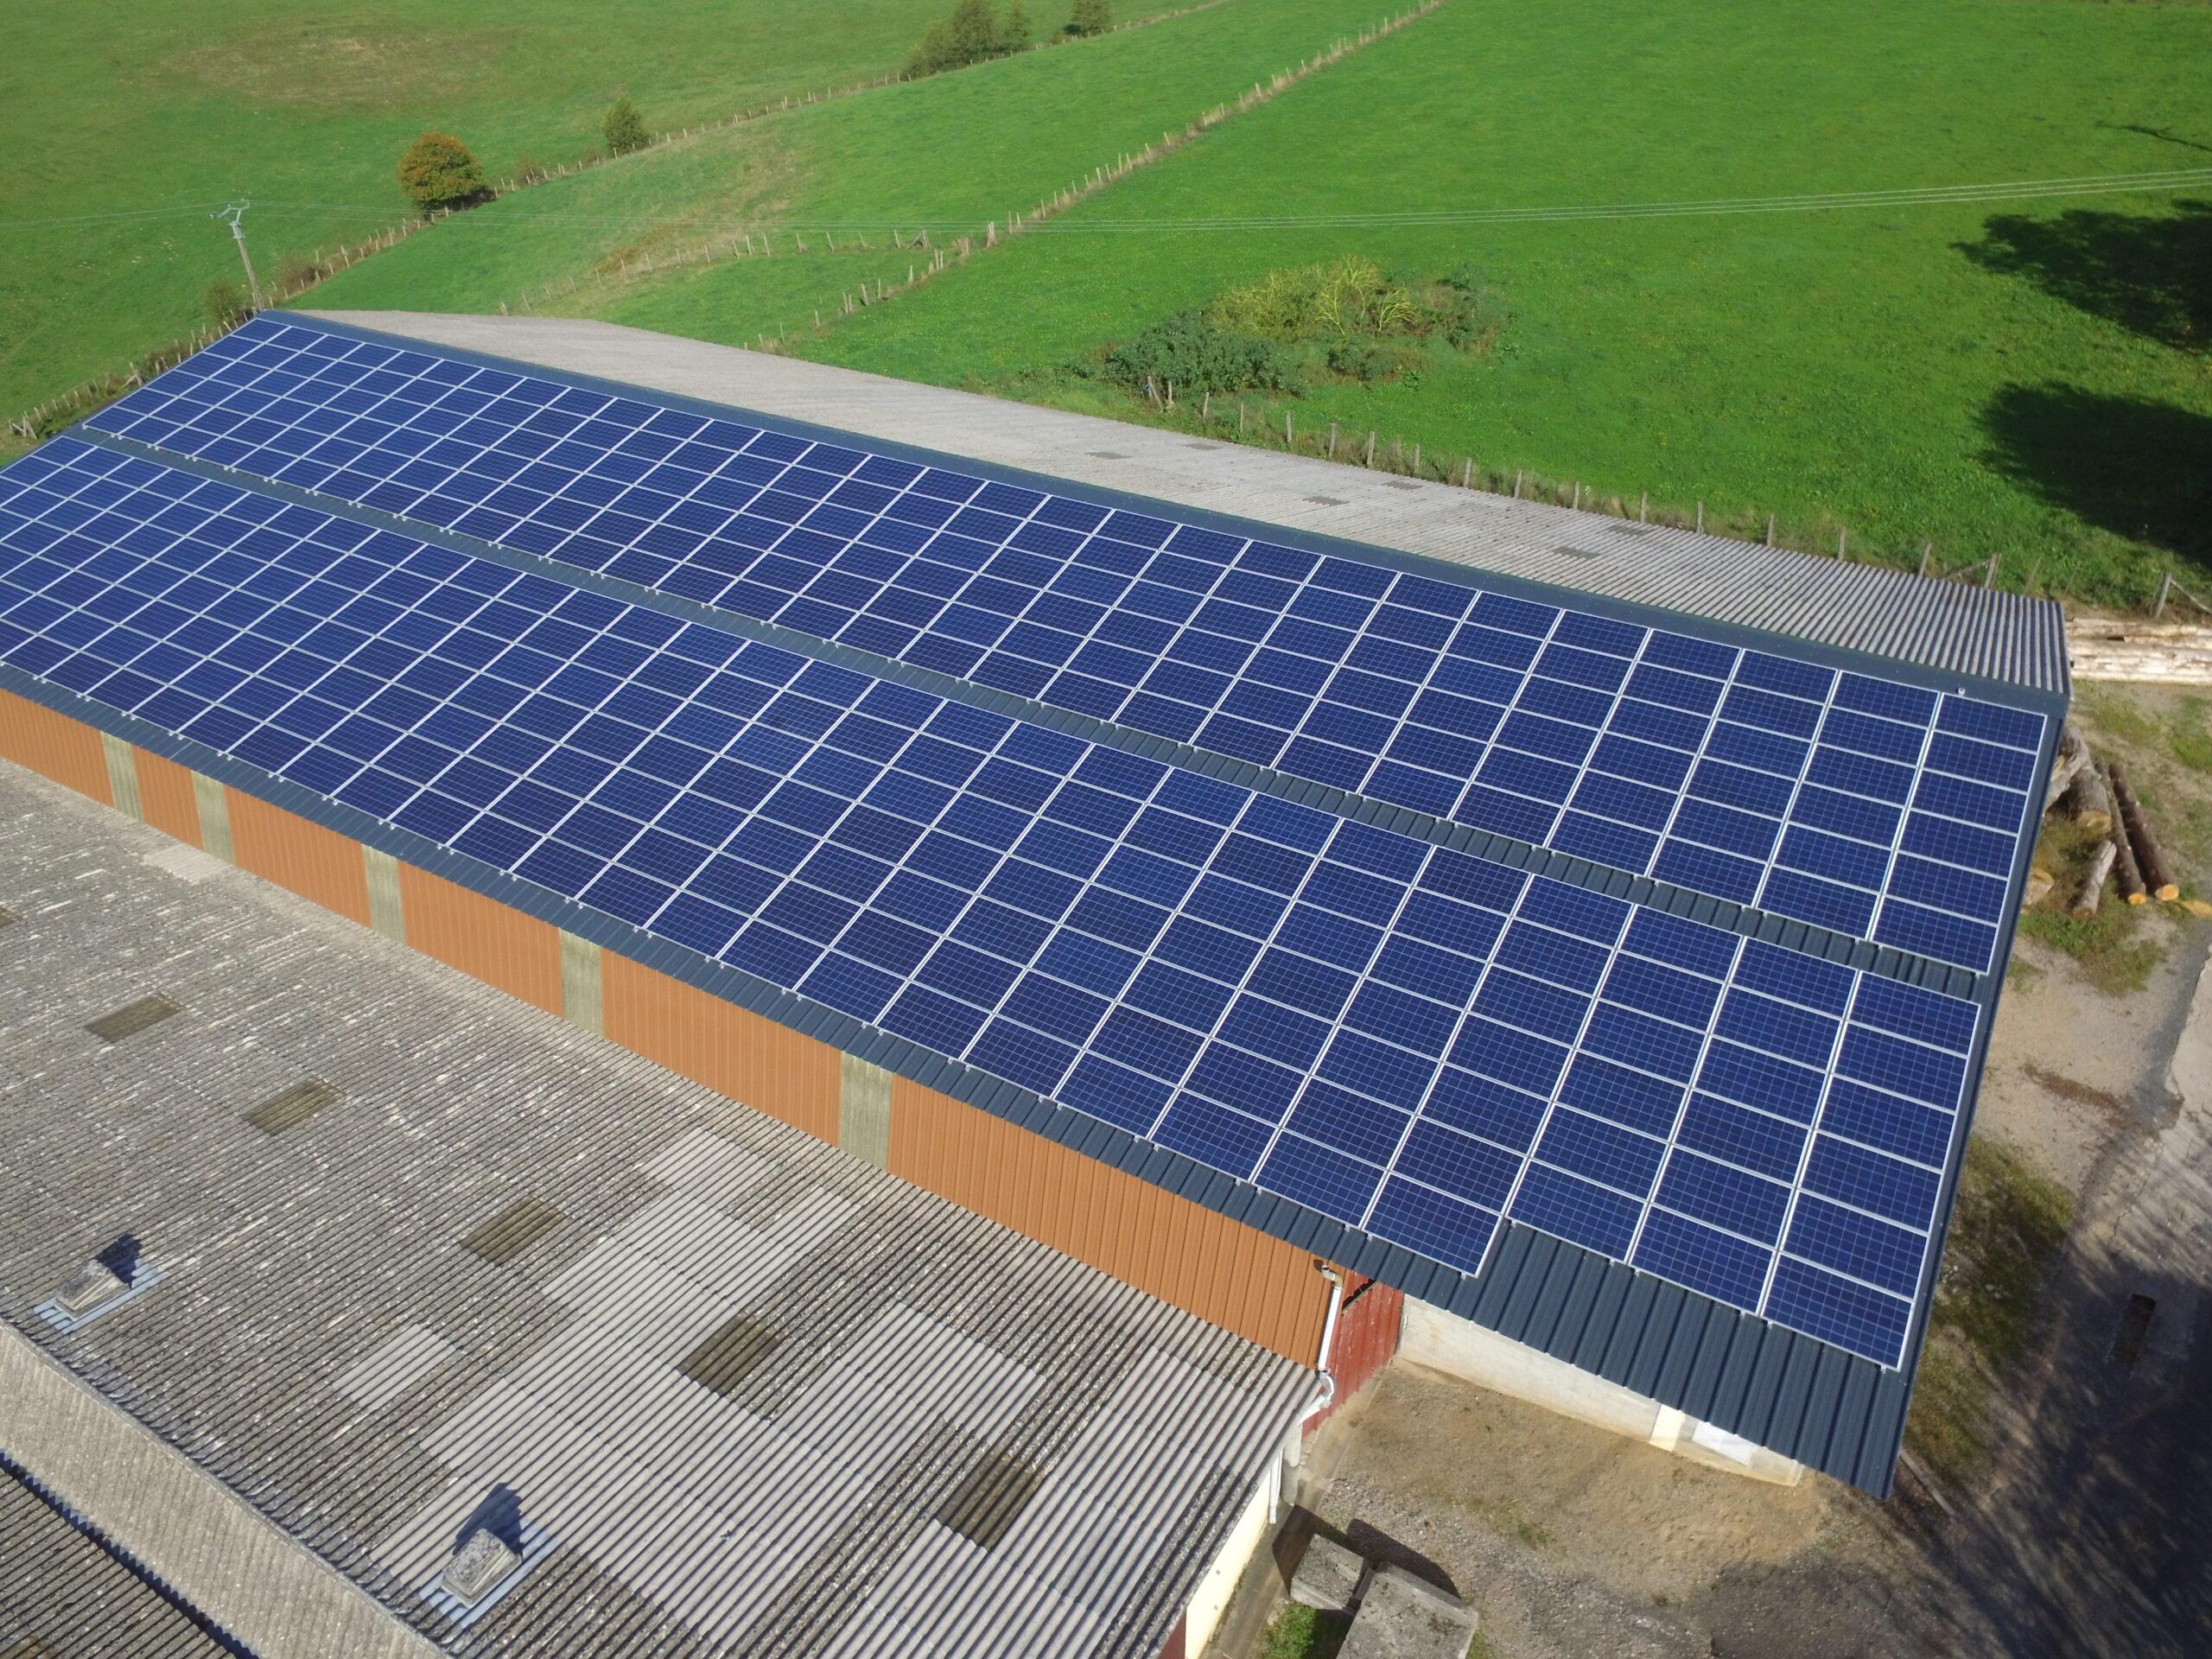 Centrales photovoltaïques en autoconsommation